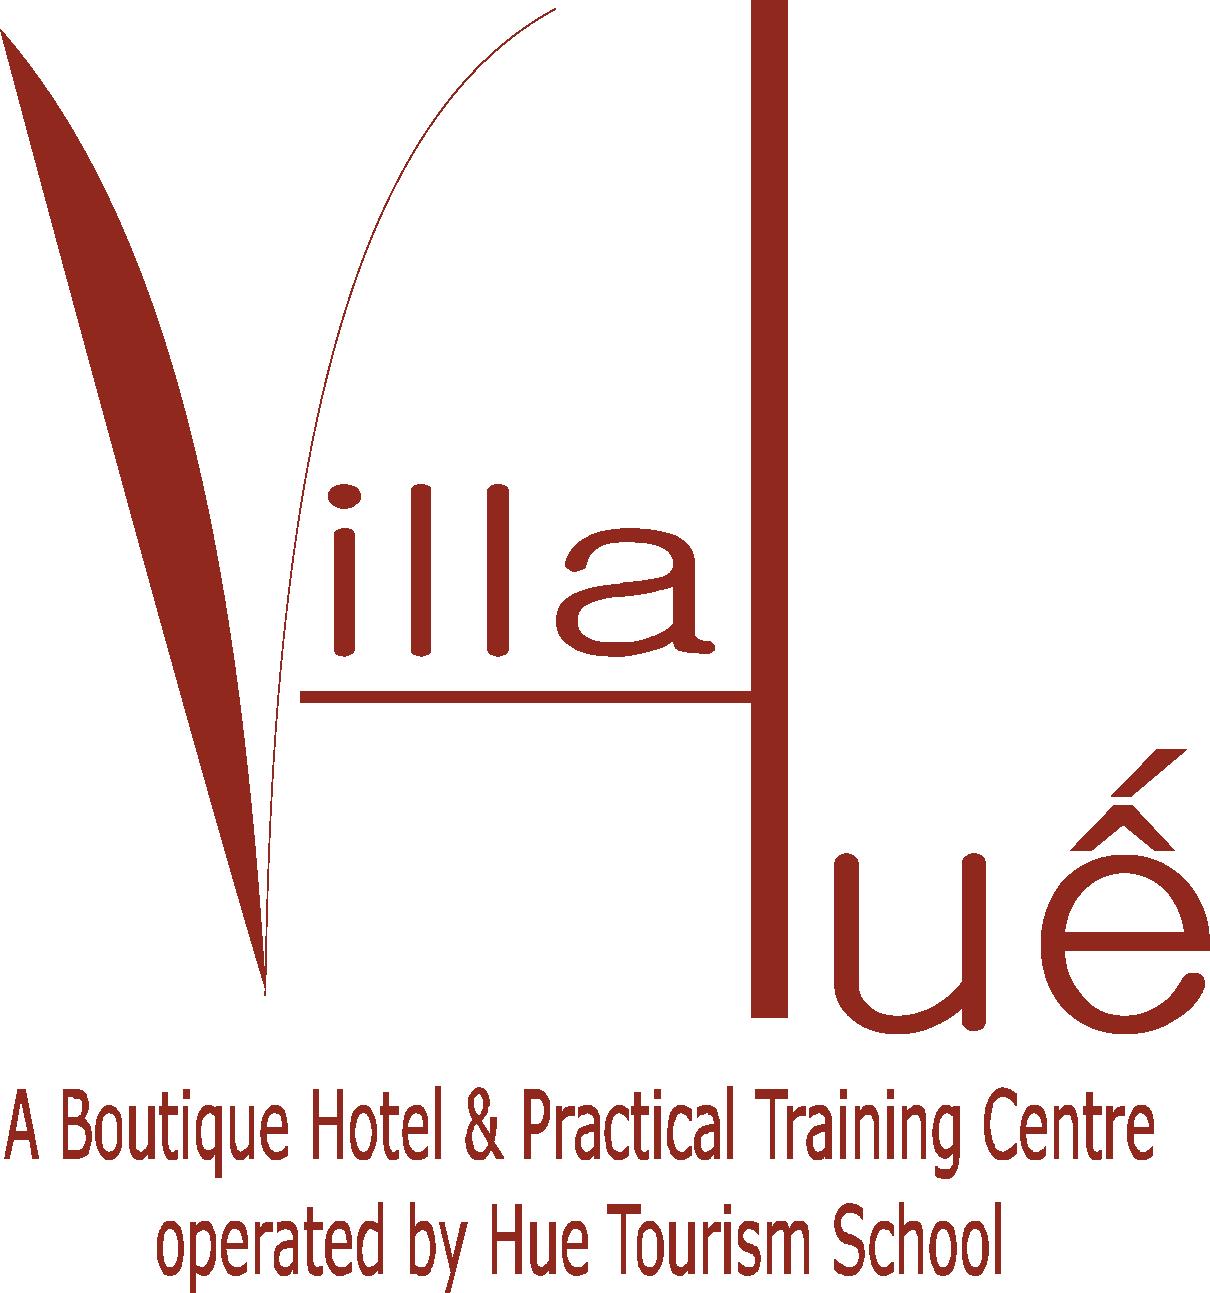 http://www.villahue.com/home